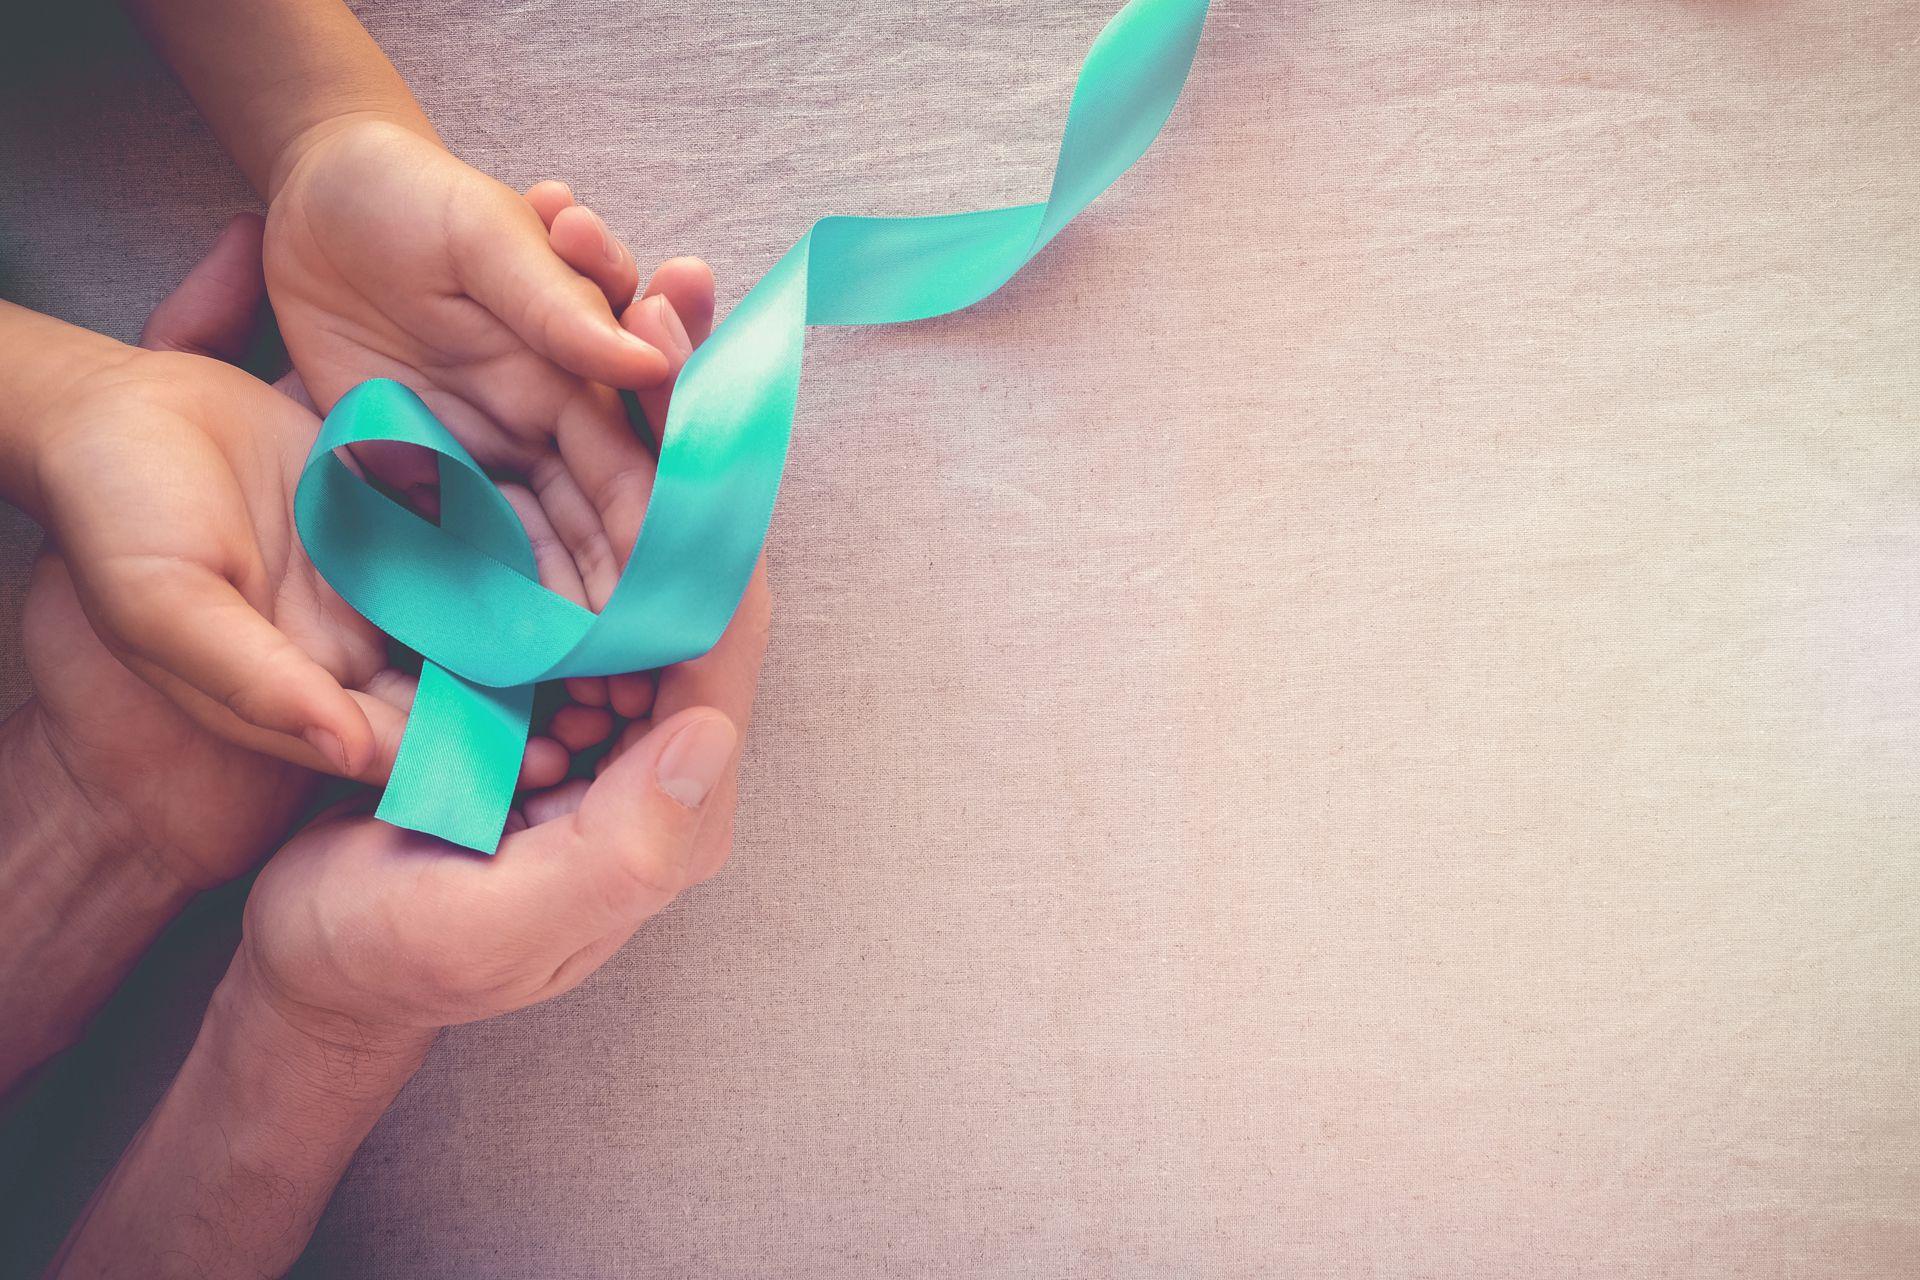 Ser varón, tener más de 60 años y estar en tratamiento de diálisis, ser afrodescendiente o tener antecedentes familiares de esta enfermedad incrementa las posibilidades de desarrollar un cáncer de riñón (Getty Images)